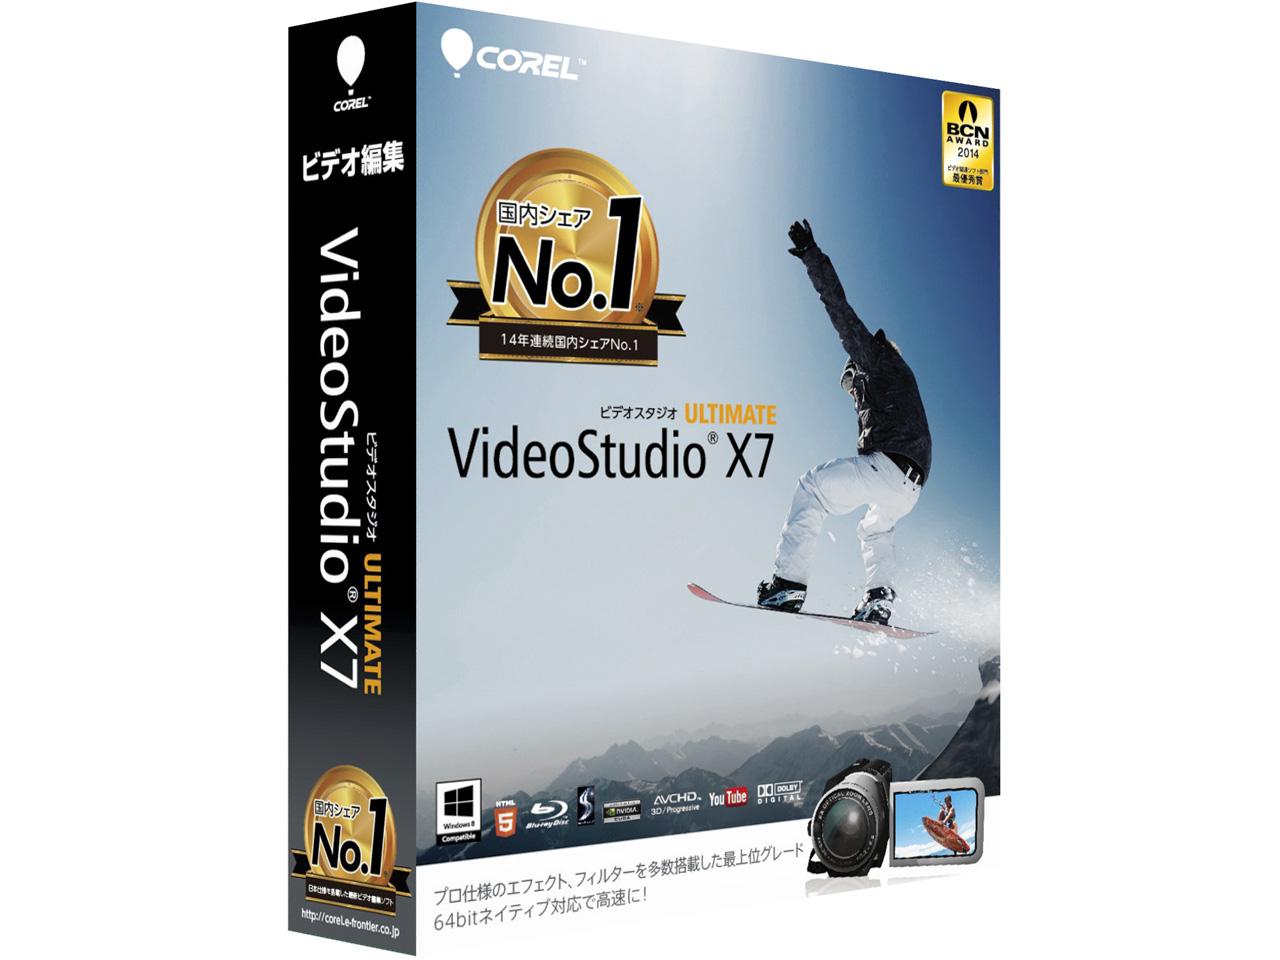 VideoStudio Ultimate X7 通常版 の製品画像